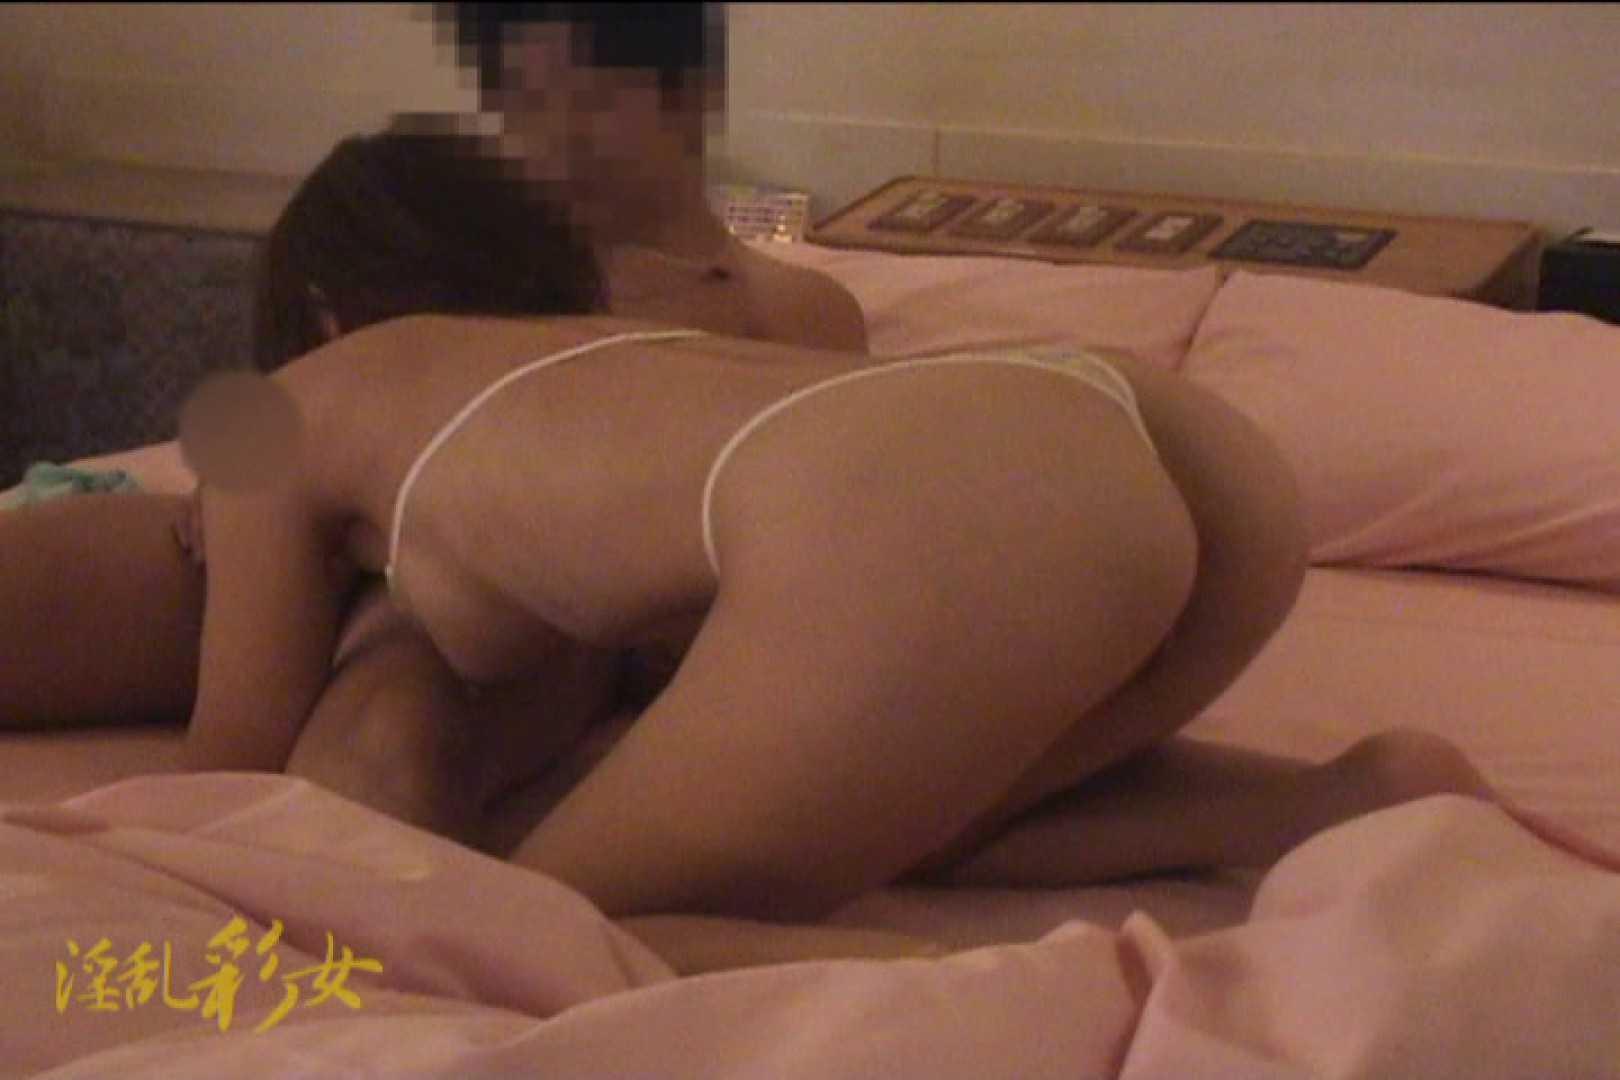 淫乱彩女 麻優里 旦那が撮影し単独さんが中出し 淫乱 セックス画像 76PIX 23